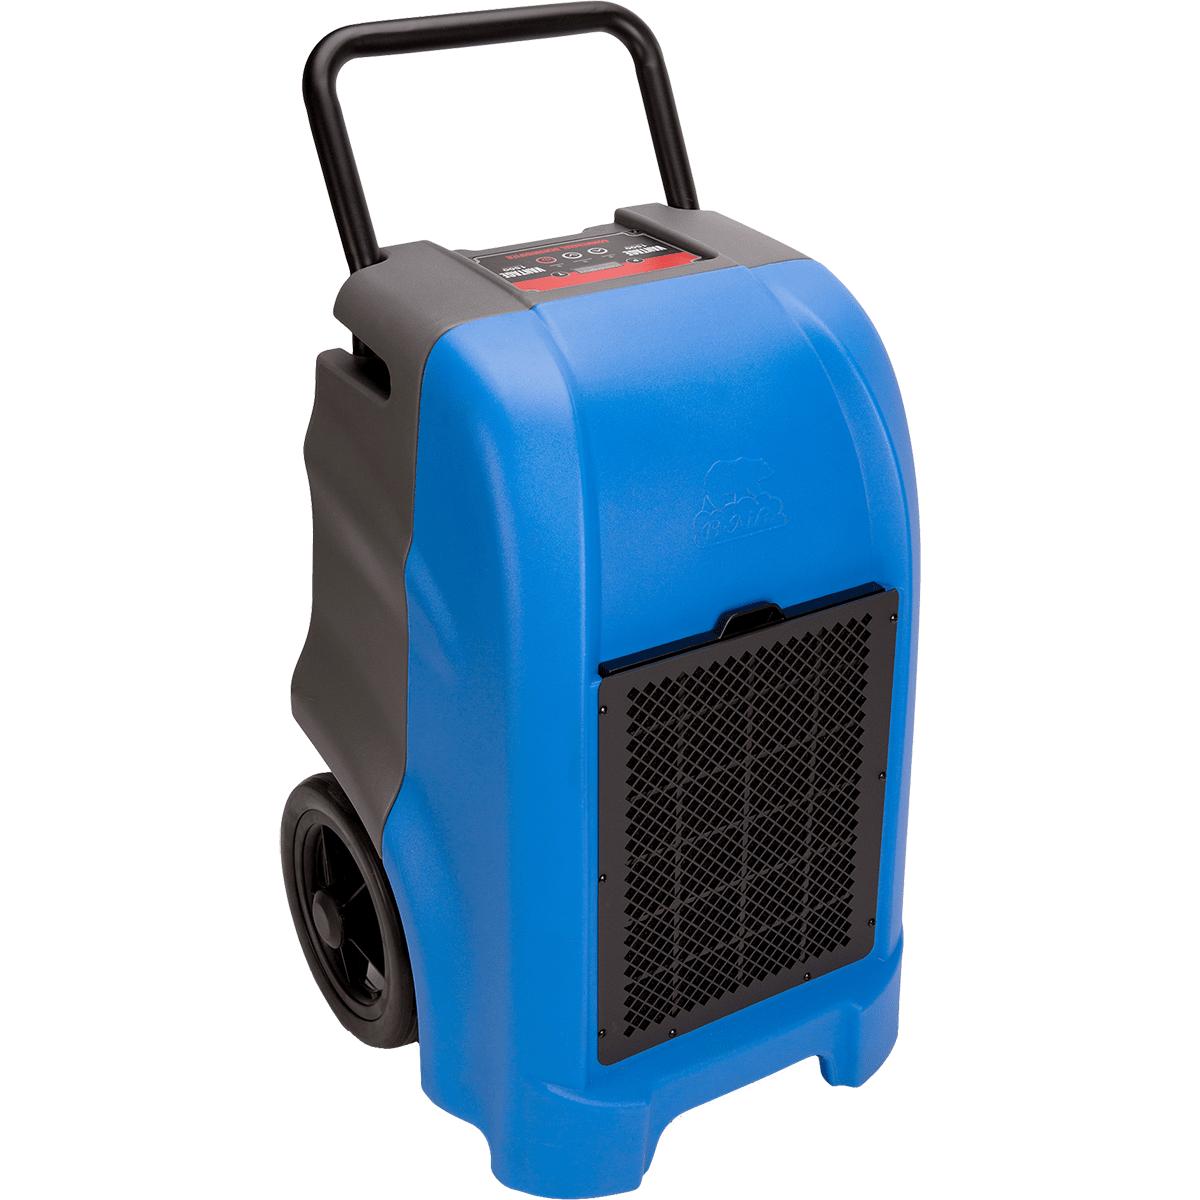 B-air Vg1500 Vantage Dehumidifier - Blue